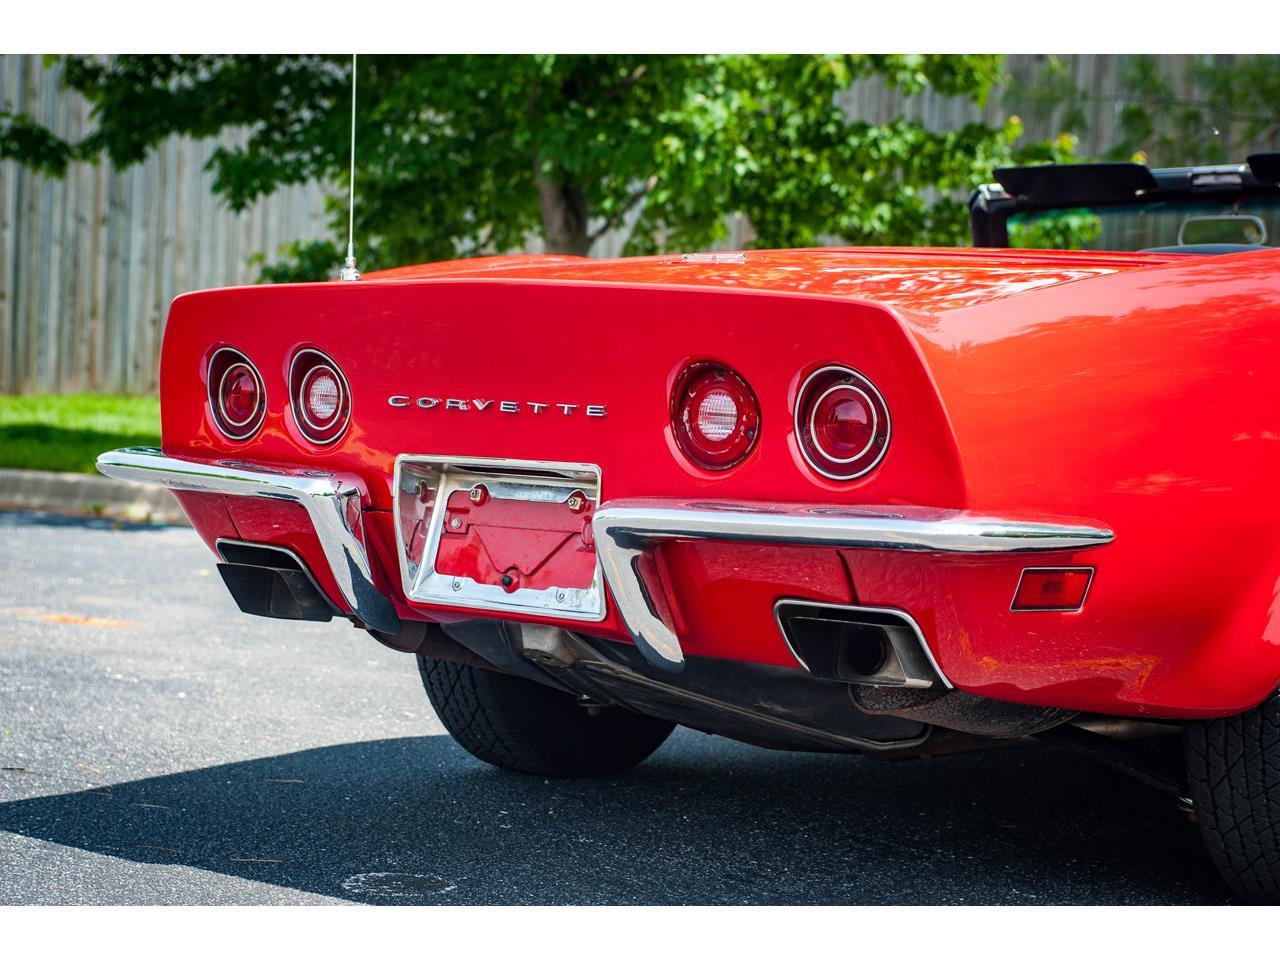 Large Picture of 1971 Corvette located in O'Fallon Illinois - $40,500.00 - QB9M